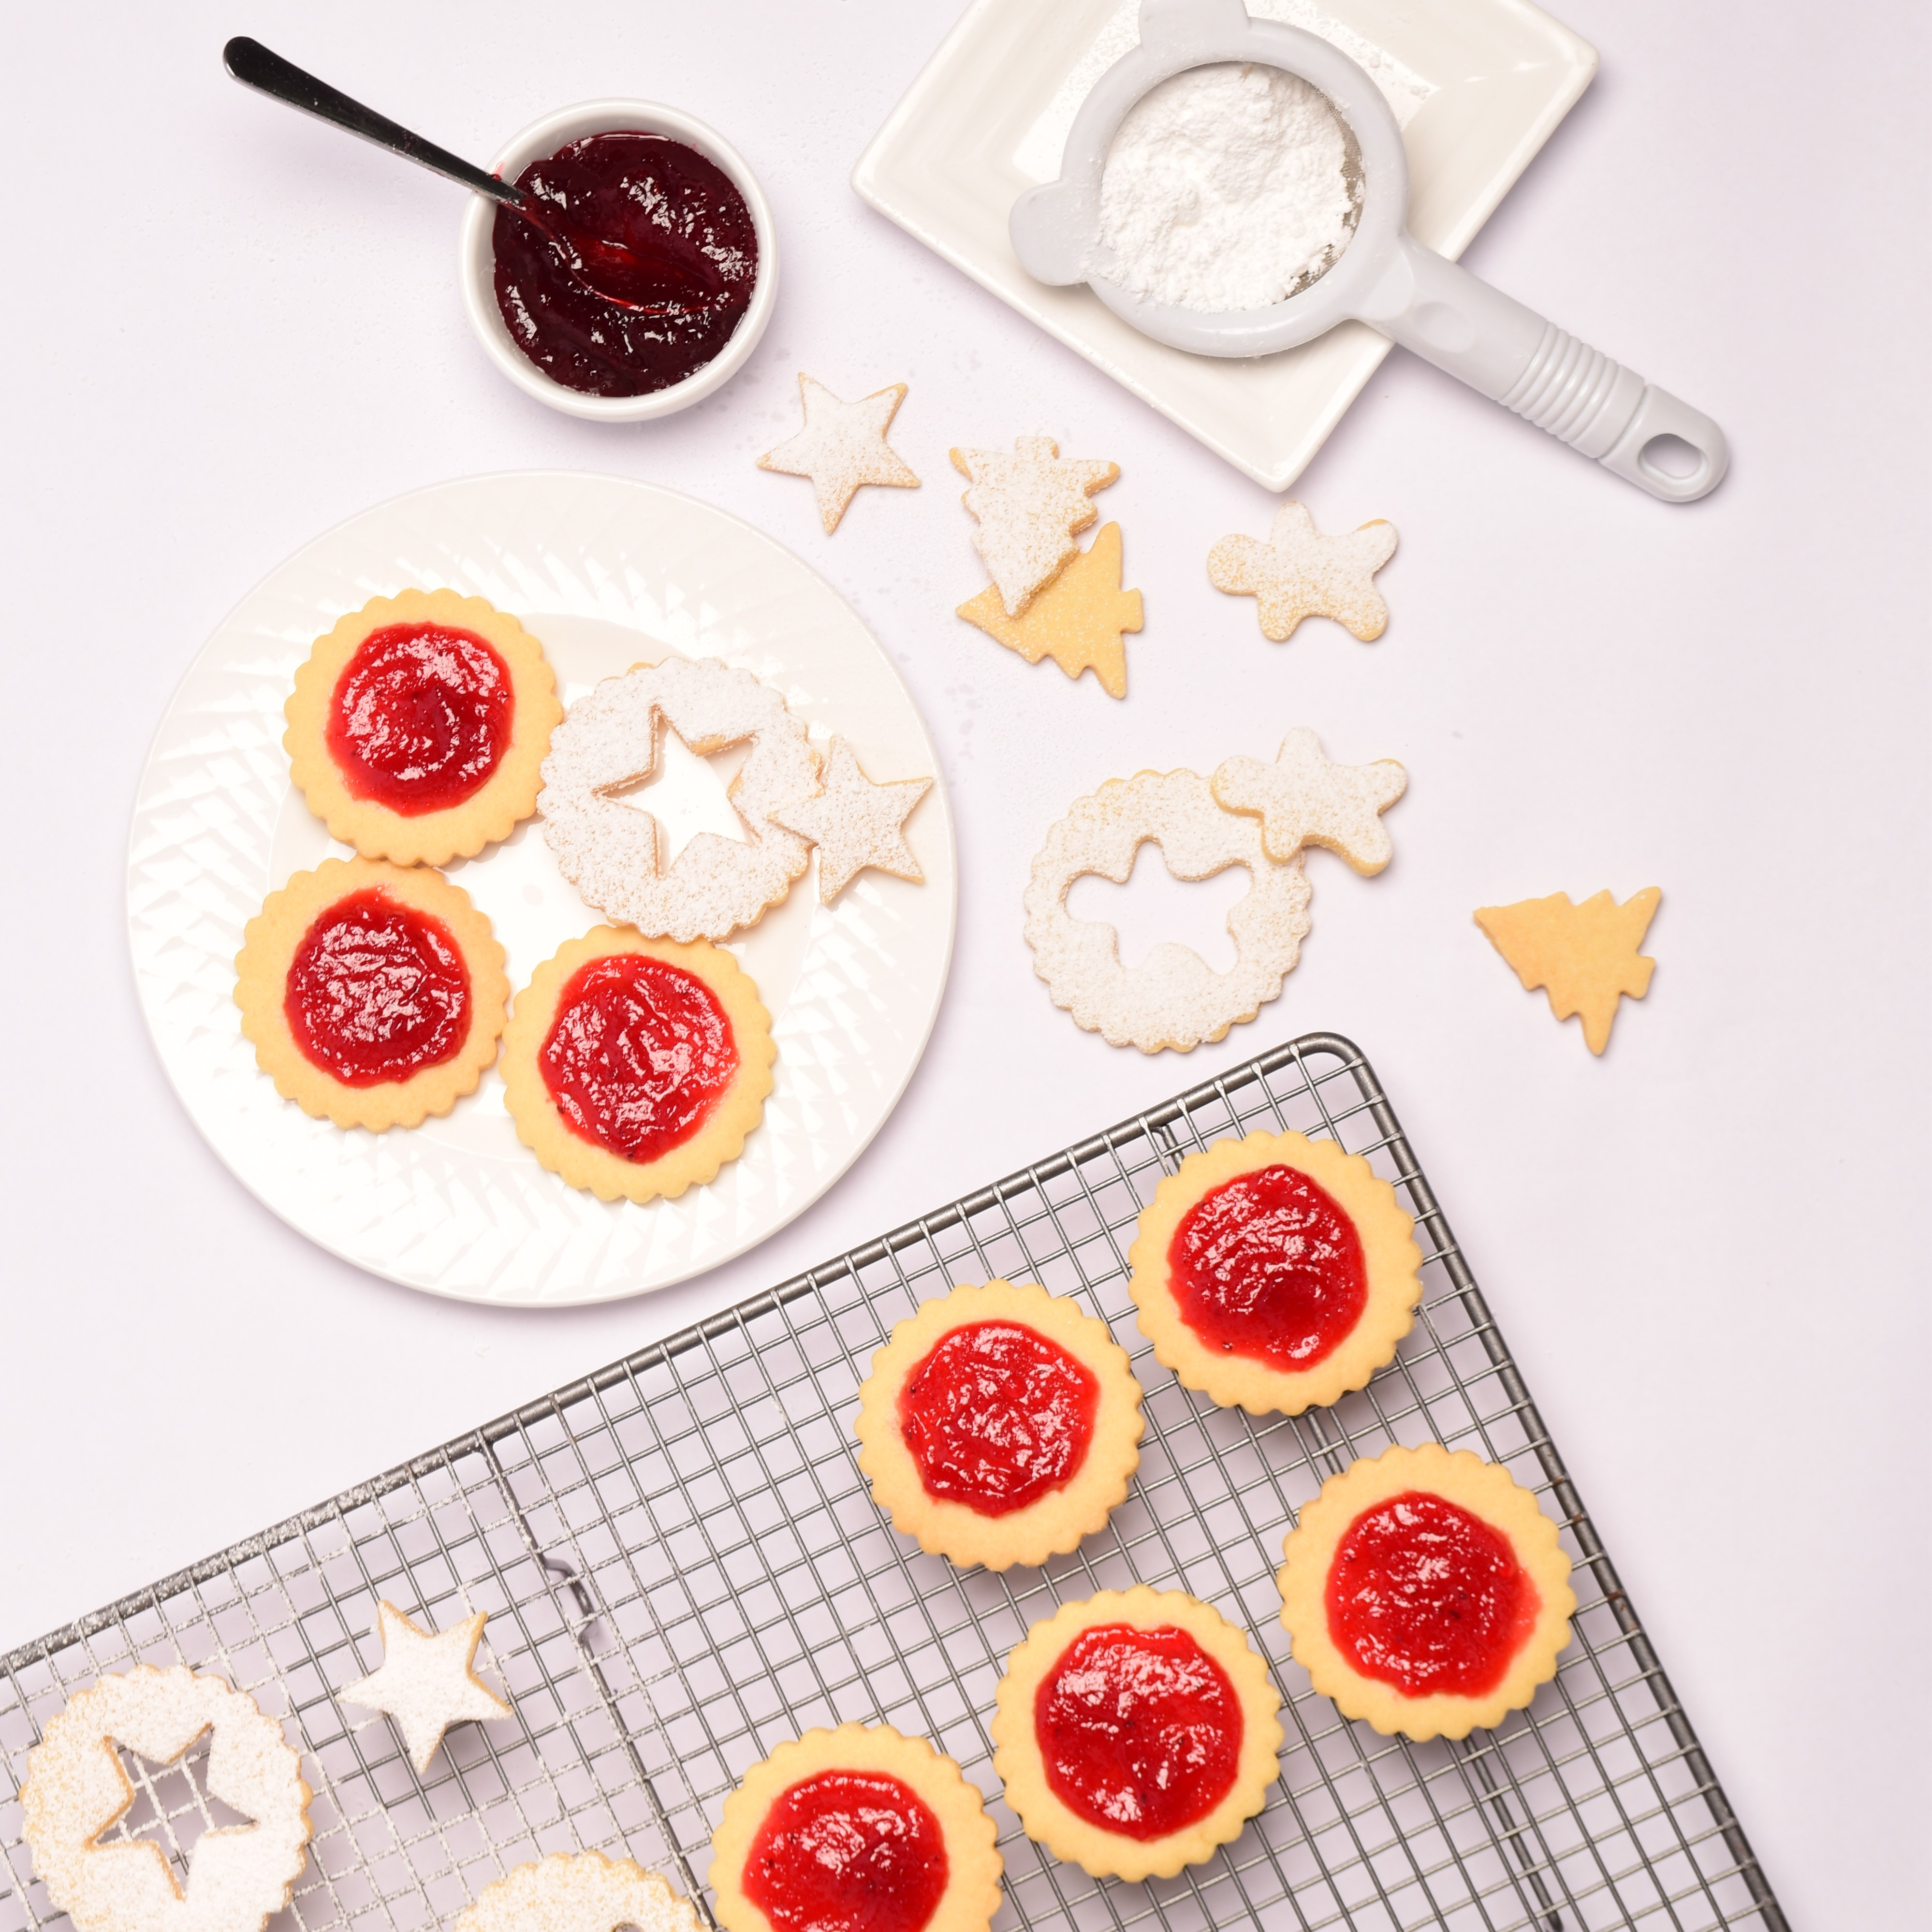 jam-biscuits.jpg